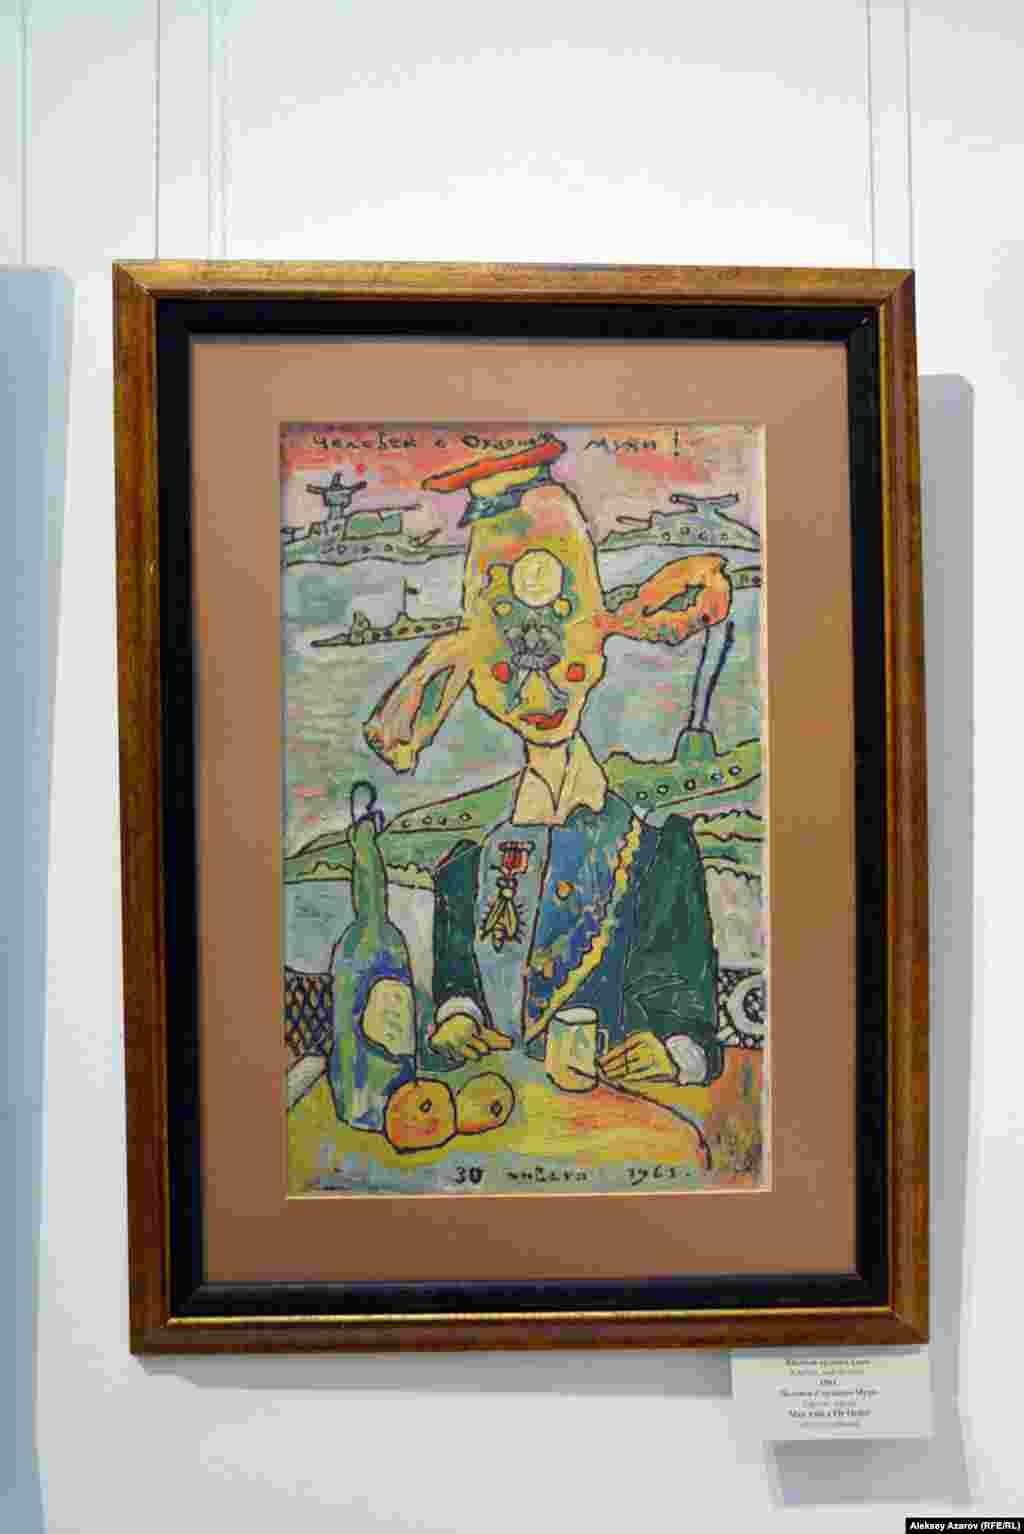 Улыбку вызывает картина «Человек с орденом Мухи», написанная в 1961 году. Между прочим, сам Сергей Калмыков был награжден медалью за доблестный труд, с которой он изображен на портрете кисти Леонида Леонтьева (ее также можно увидеть на выставке).